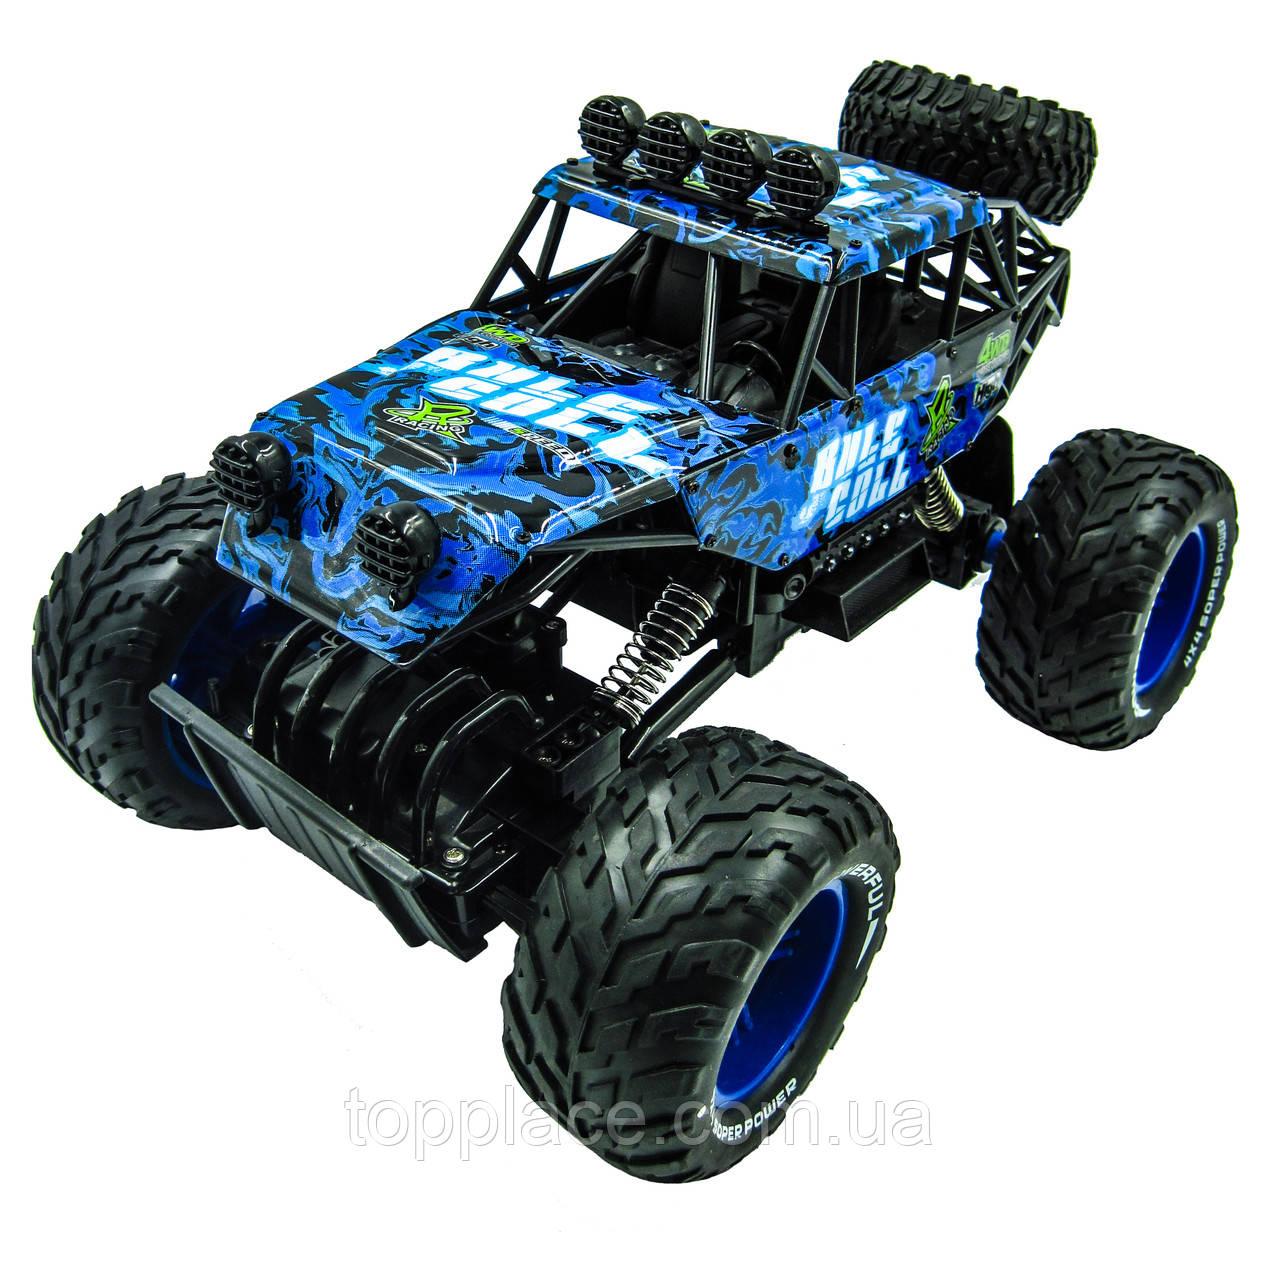 Радіокерований краулер OffRoad 4WD 1:10 Синій (RM101001141)